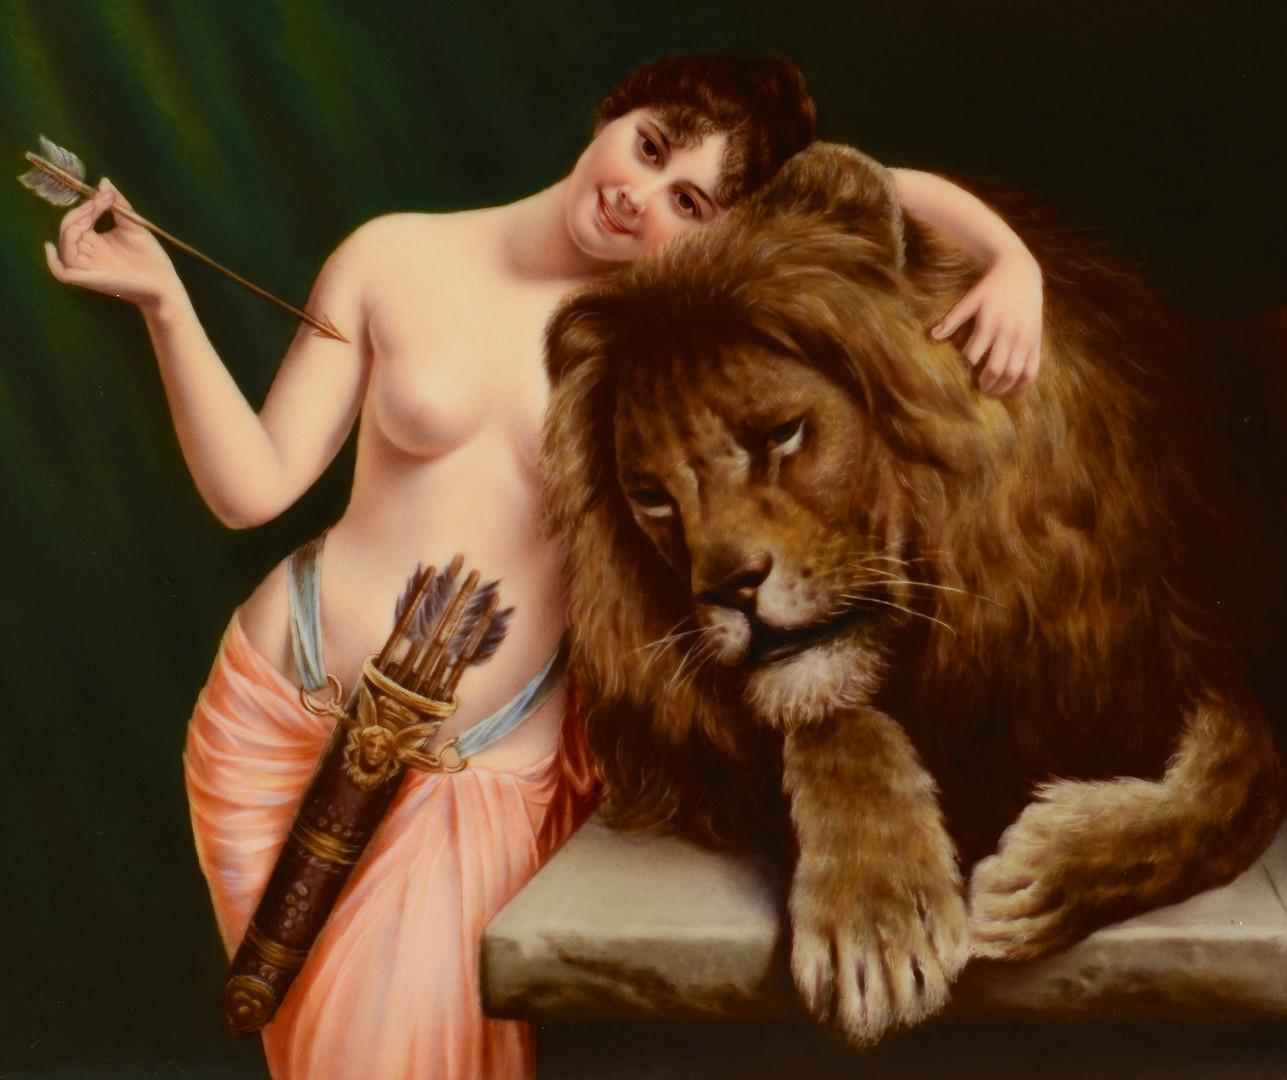 Lot 59 Porcelain Plaque Woman w Lion